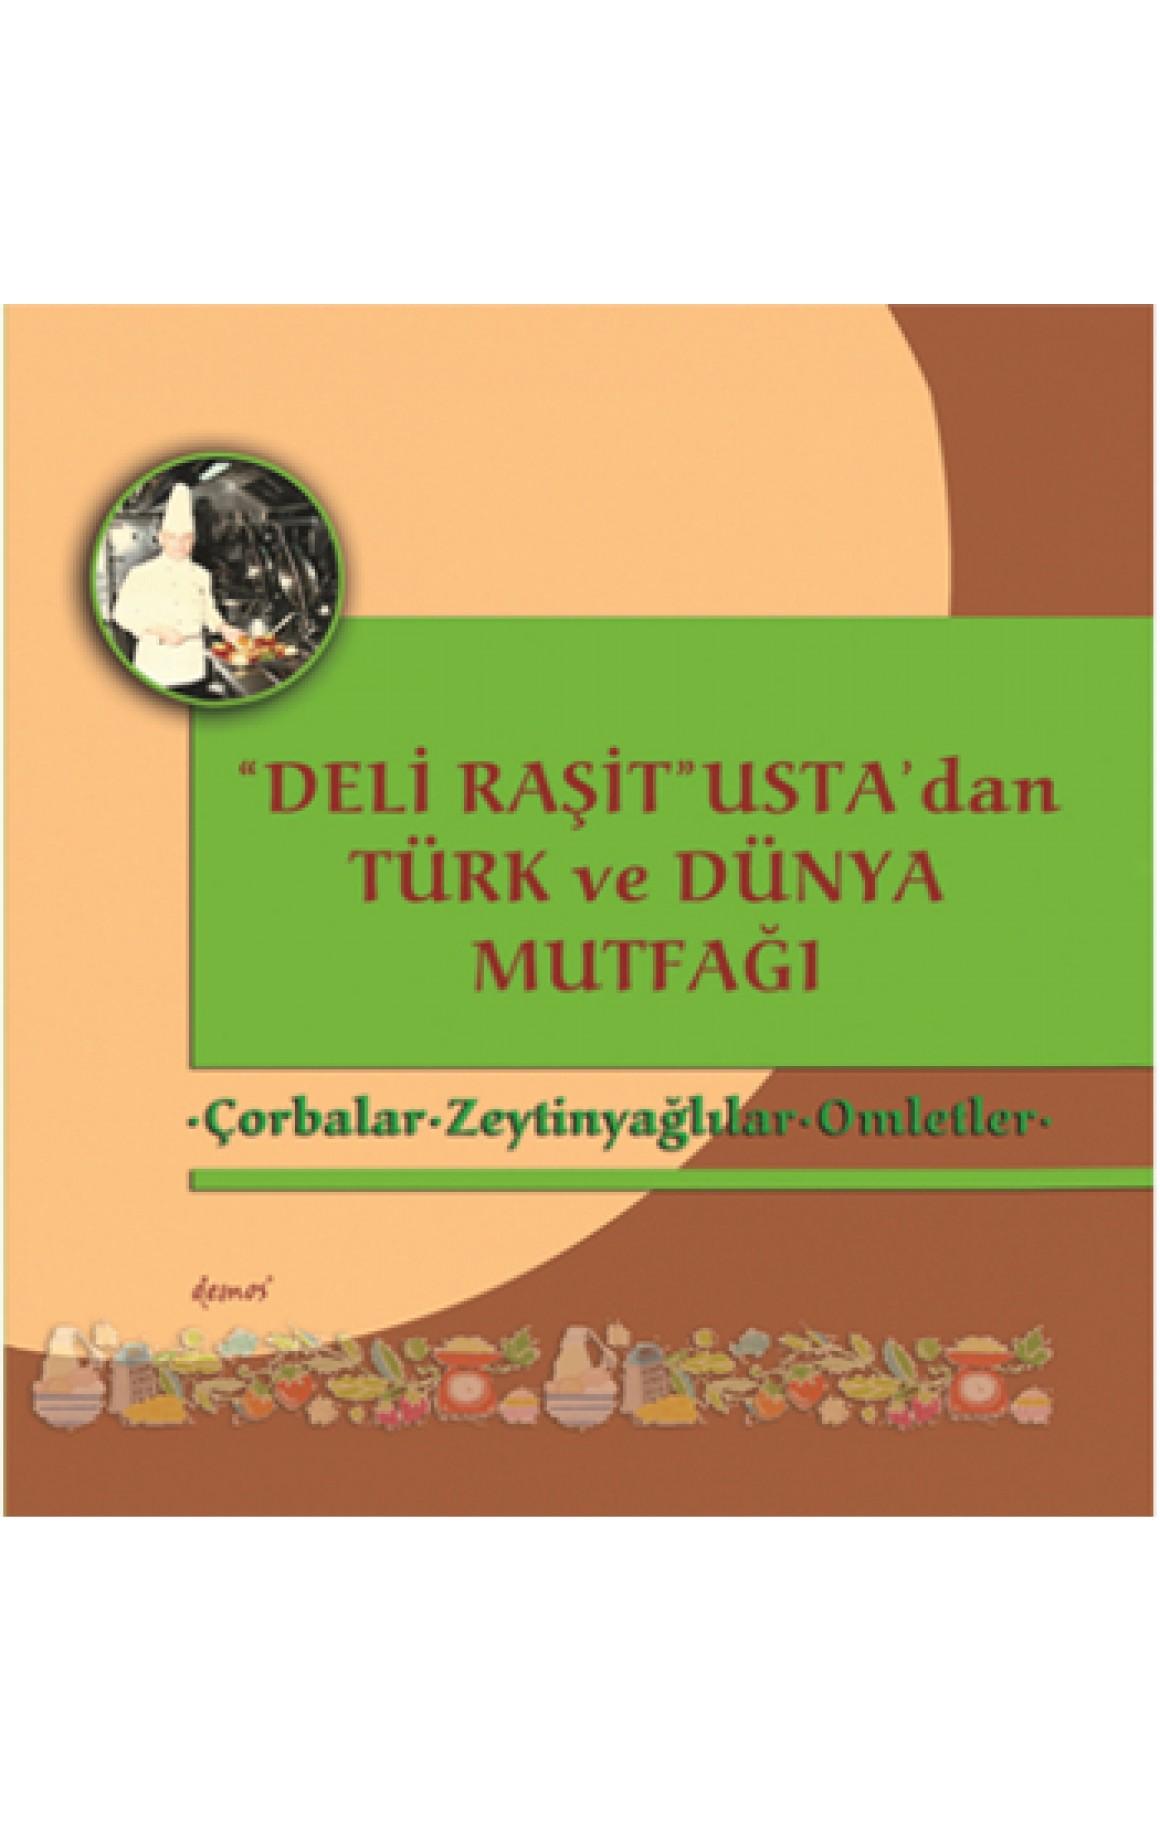 Çorbalar - Zeytinyağlılar - Omletler - Deli Raşit Usta'dan Türk ve Dünya Mutfağı